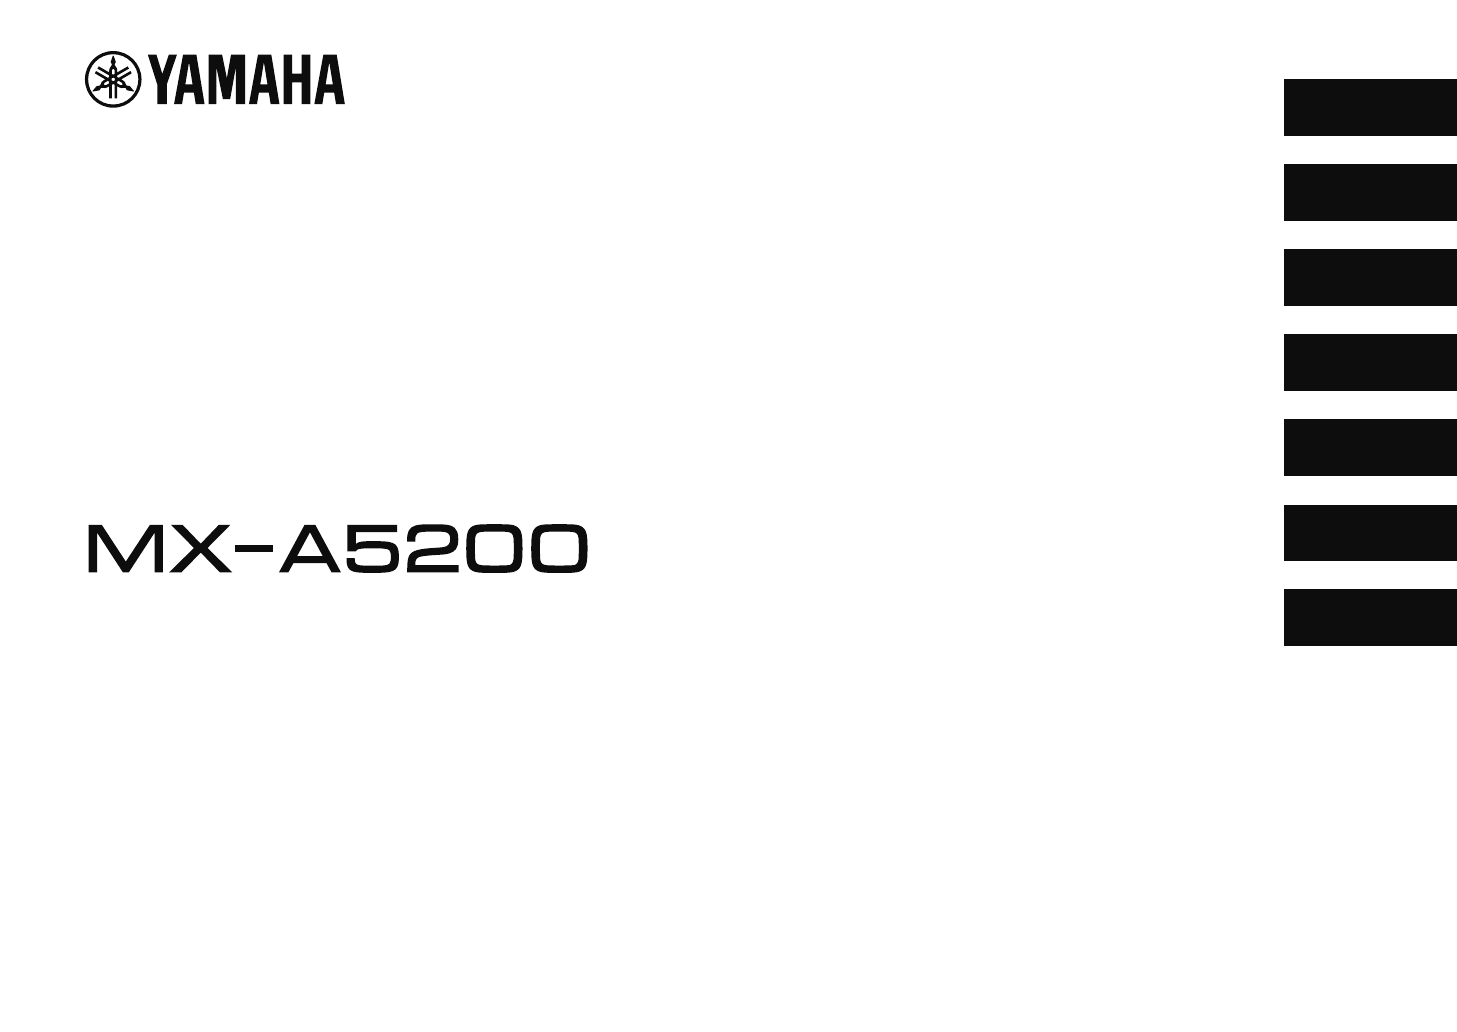 Handleiding Yamaha MX-A5200 (pagina 1 van 152) (English